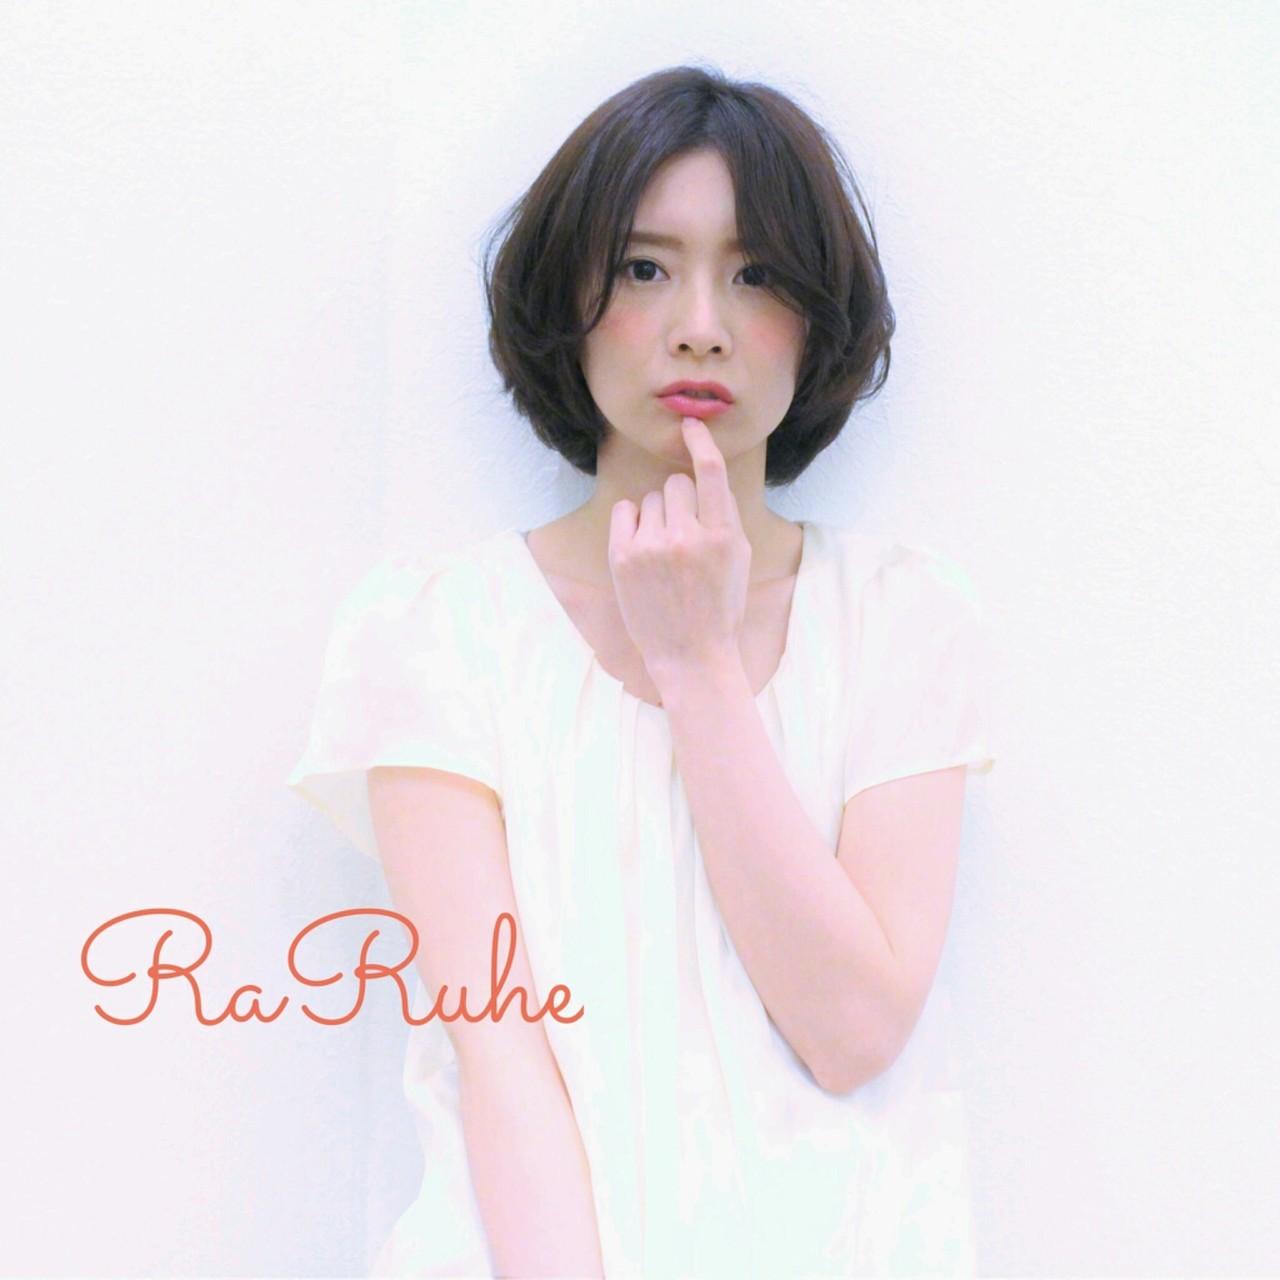 ショート ナチュラル ショートボブ ゆるふわ ヘアスタイルや髪型の写真・画像 | RaRuhe 岡部千尋 / RaRuhe